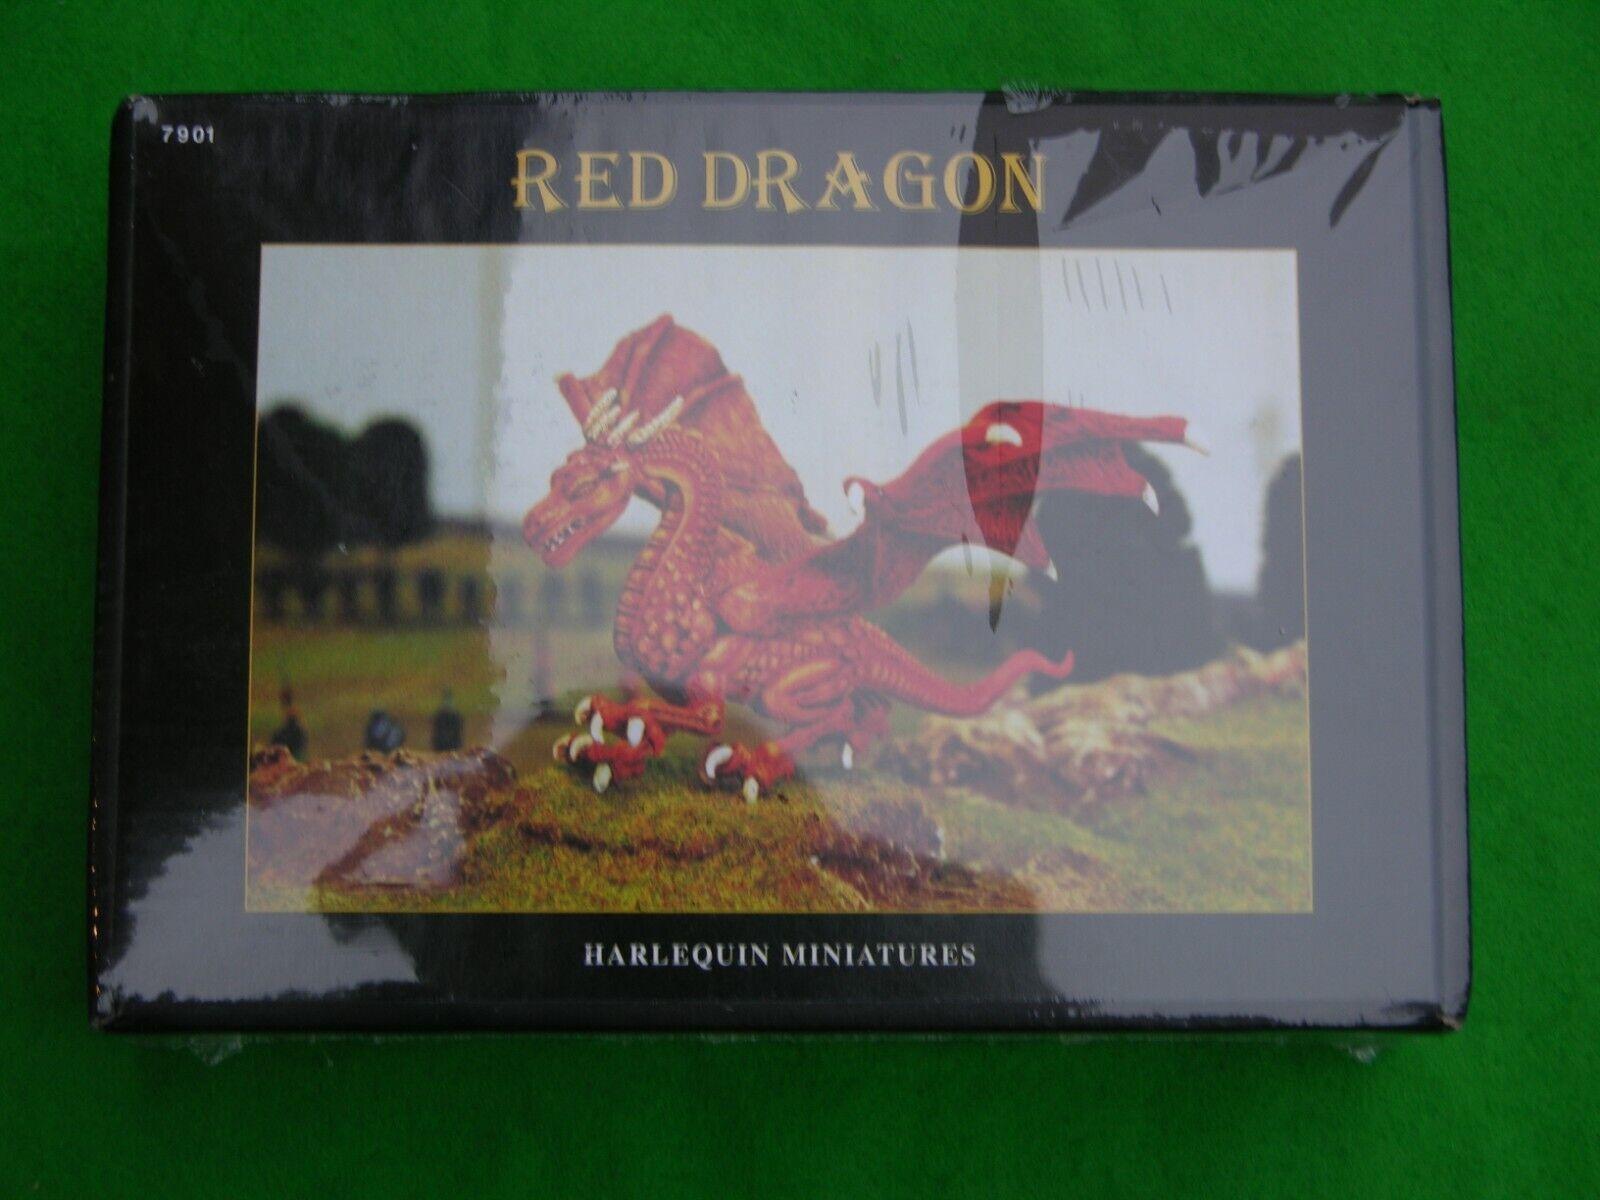 Harlequin Miniatures, rosso Dragon  7901 NUOVO  CON SCATOLA  100% autentico